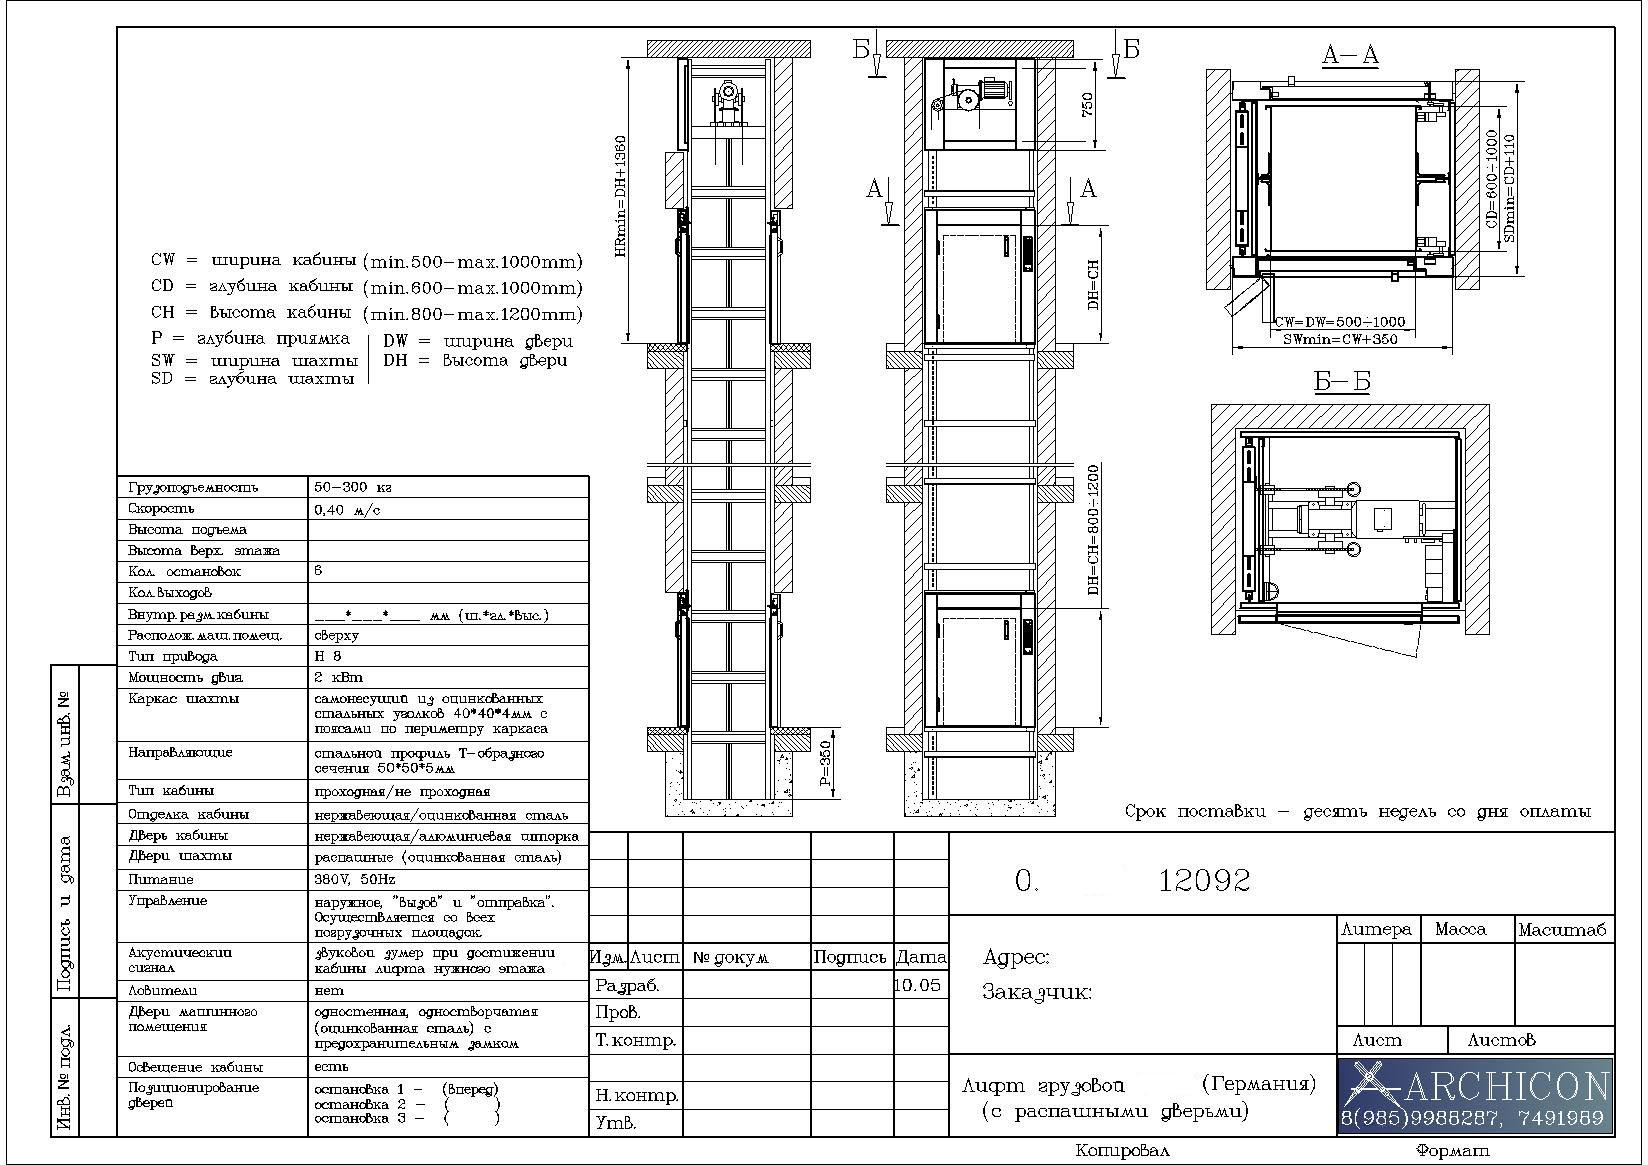 Схема лифта самарканд 320 кг